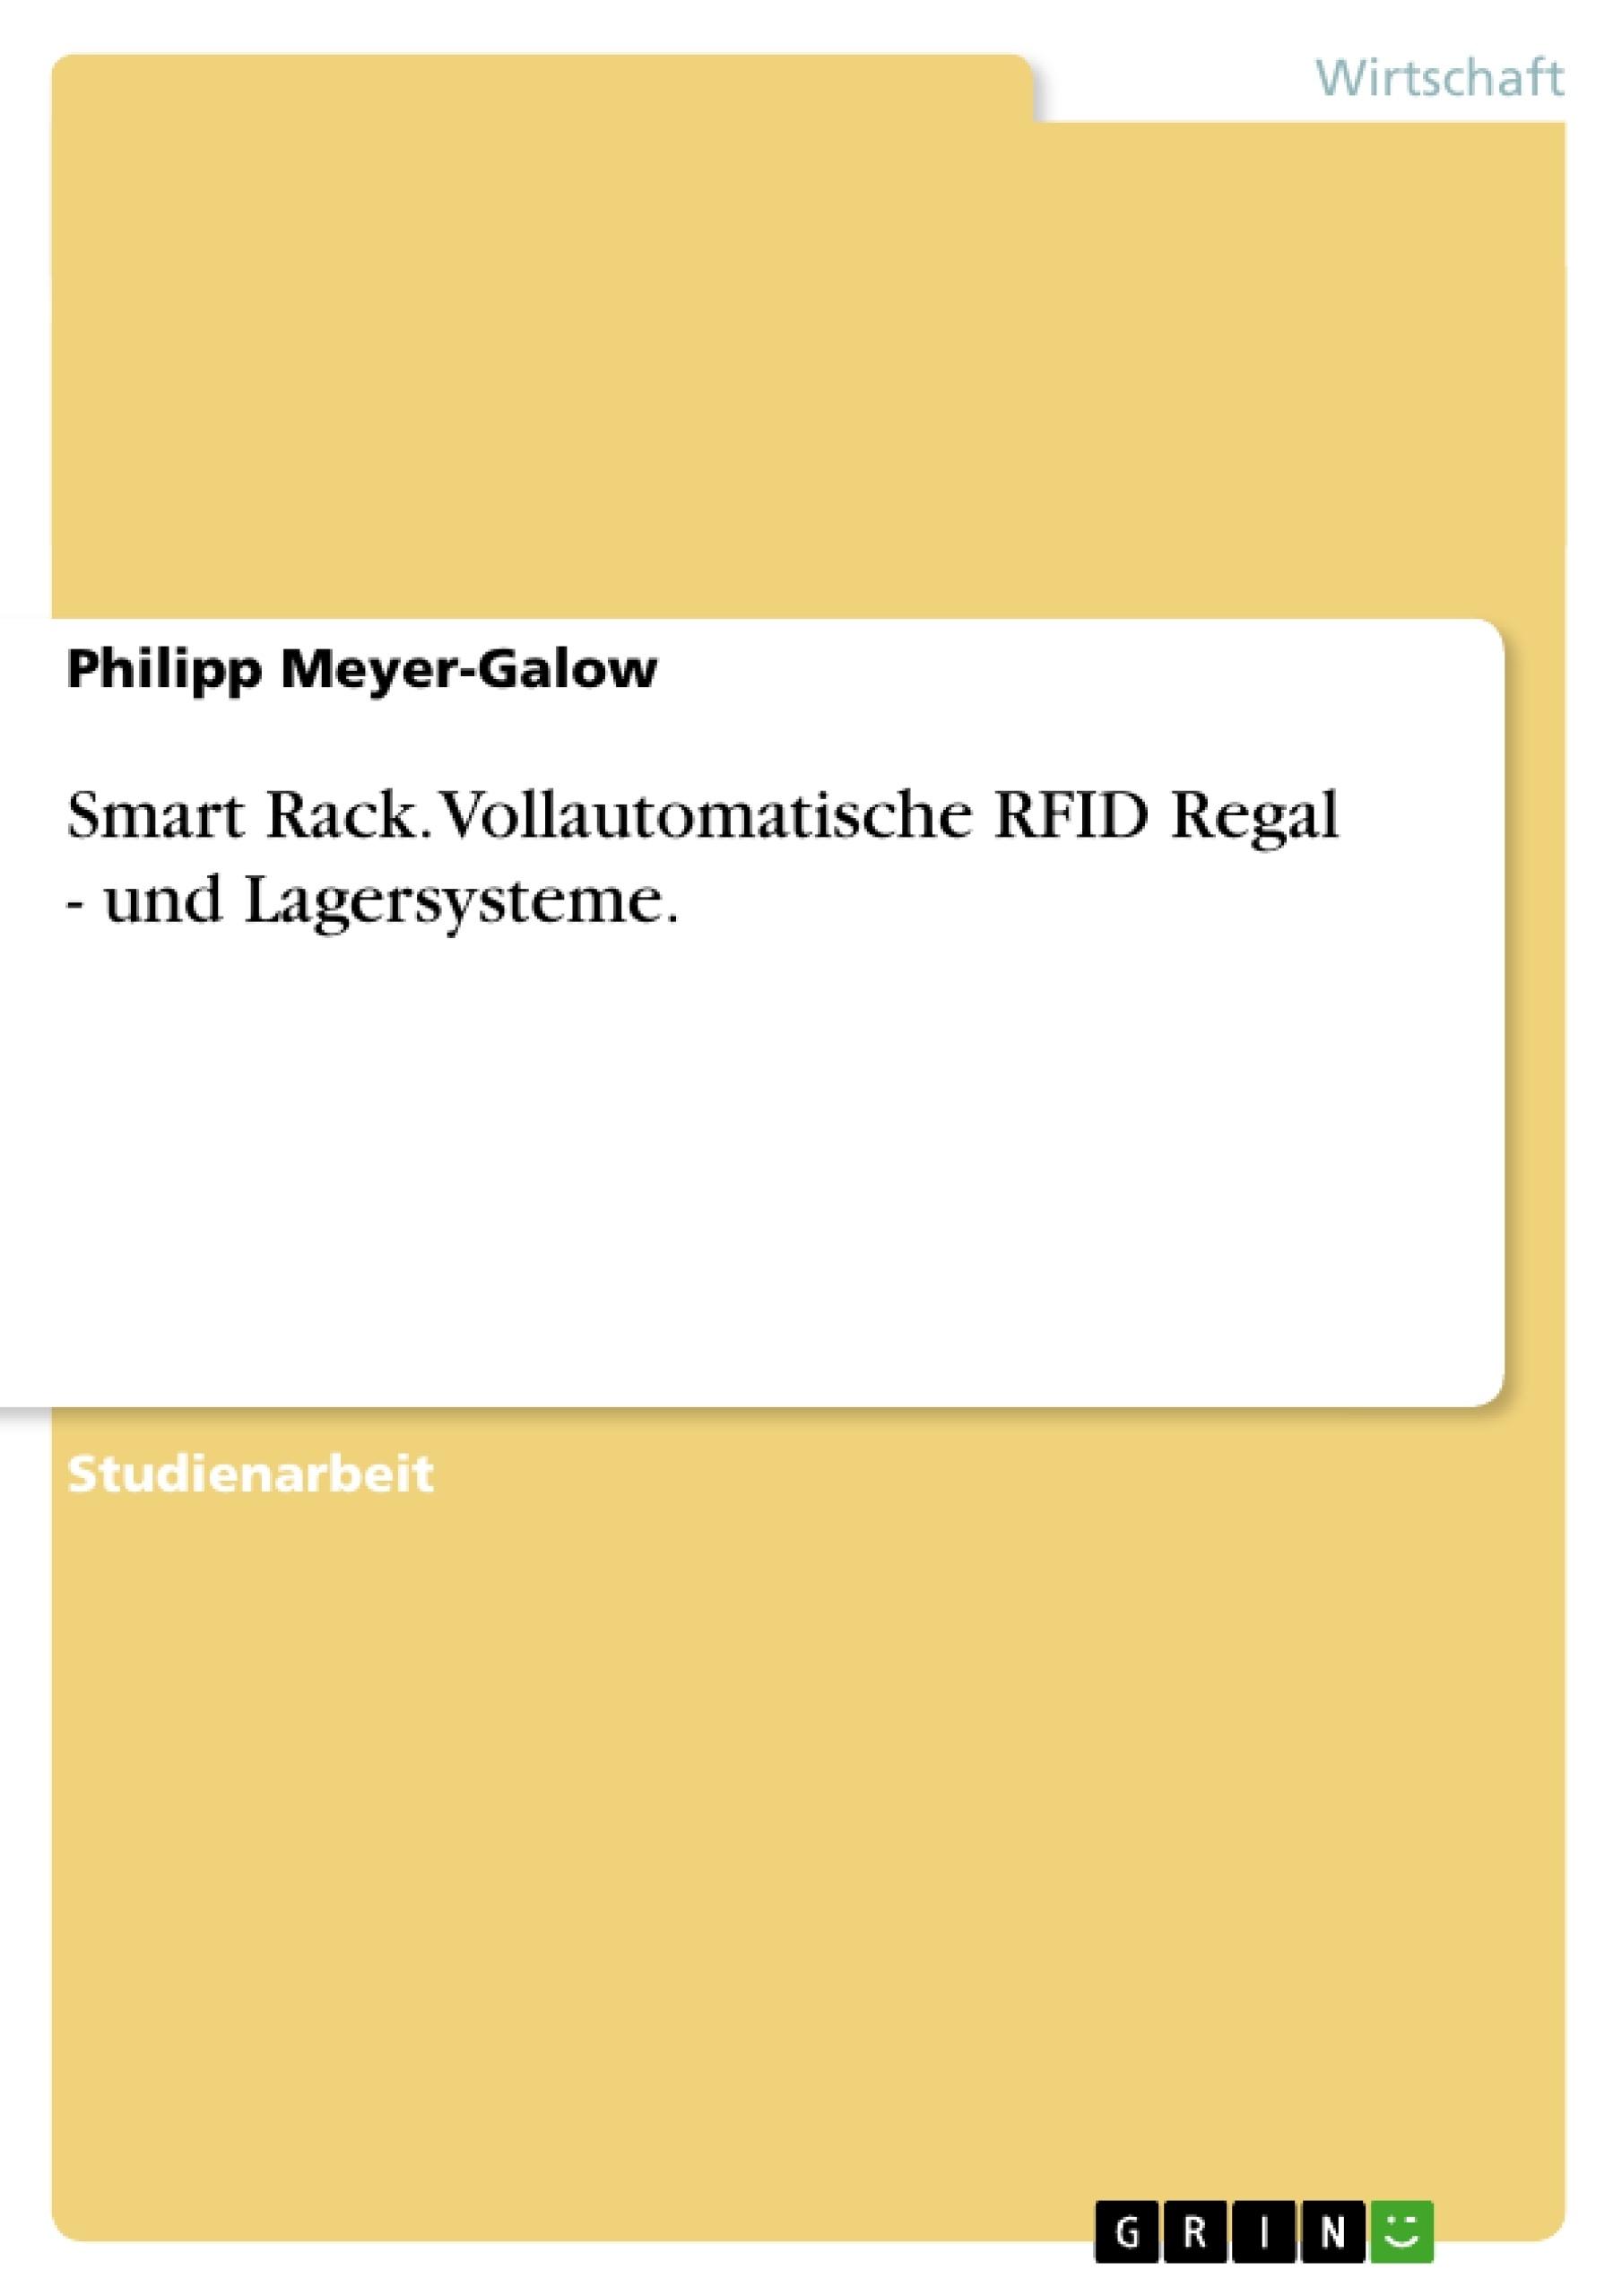 Titel: Smart Rack. Vollautomatische RFID Regal - und Lagersysteme